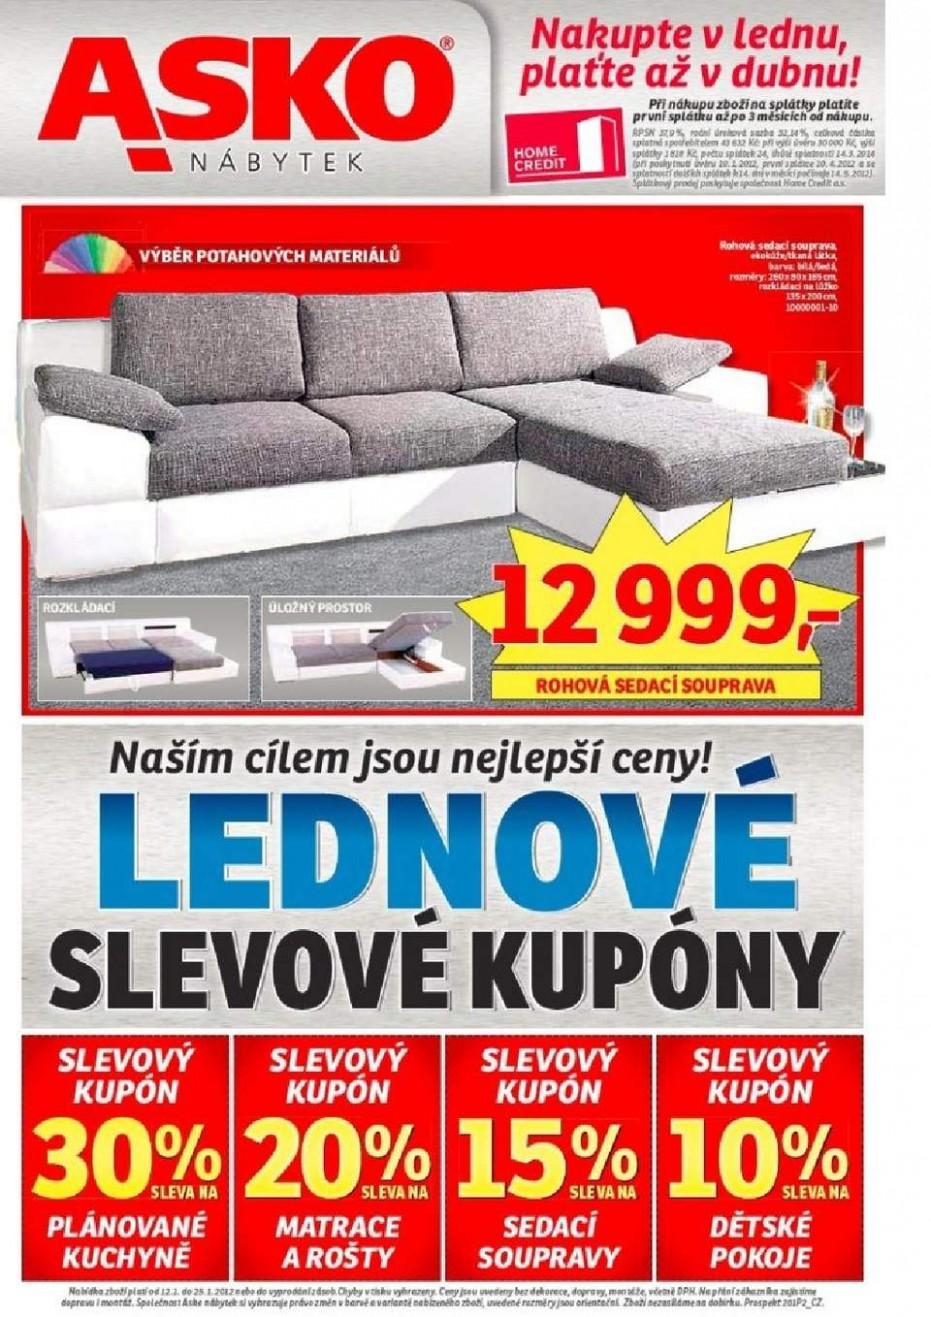 Asko nábytek - aktuální leták Asko nábytku - Slevové kupóny na ...